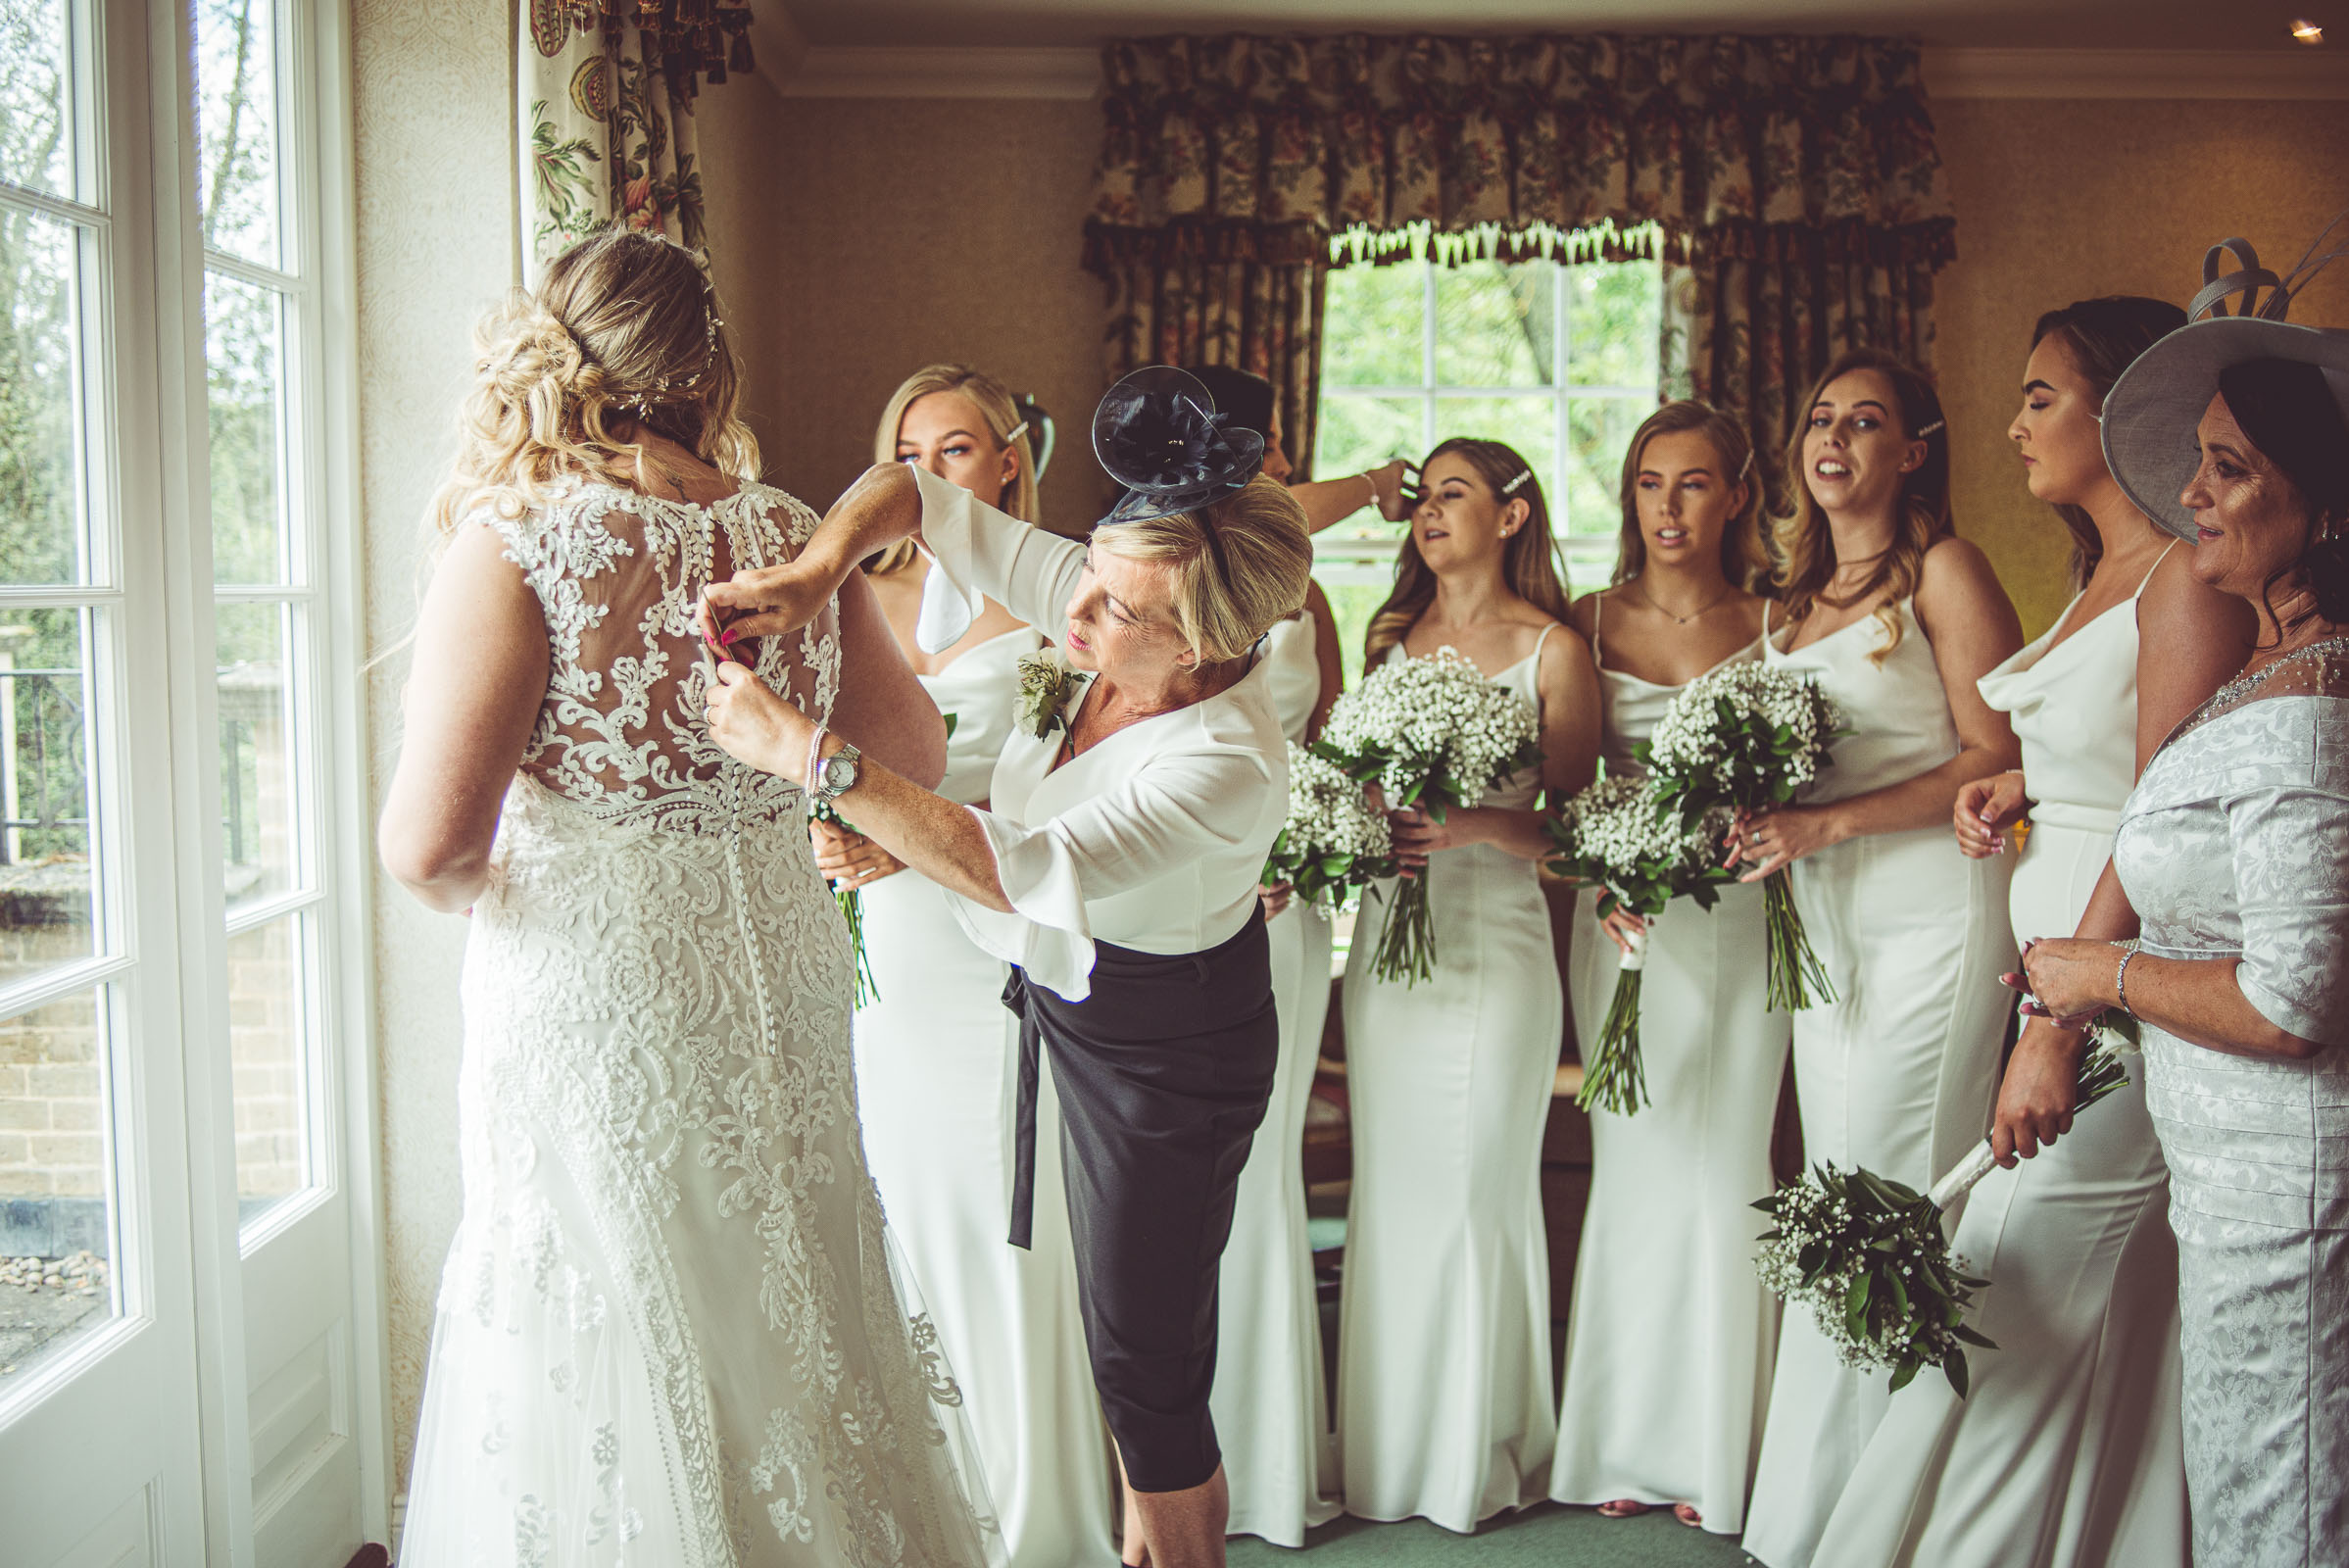 Lutonhoo-wedding-Bedfordshire-Datchworth-Tewinburyfarm-13.jpg